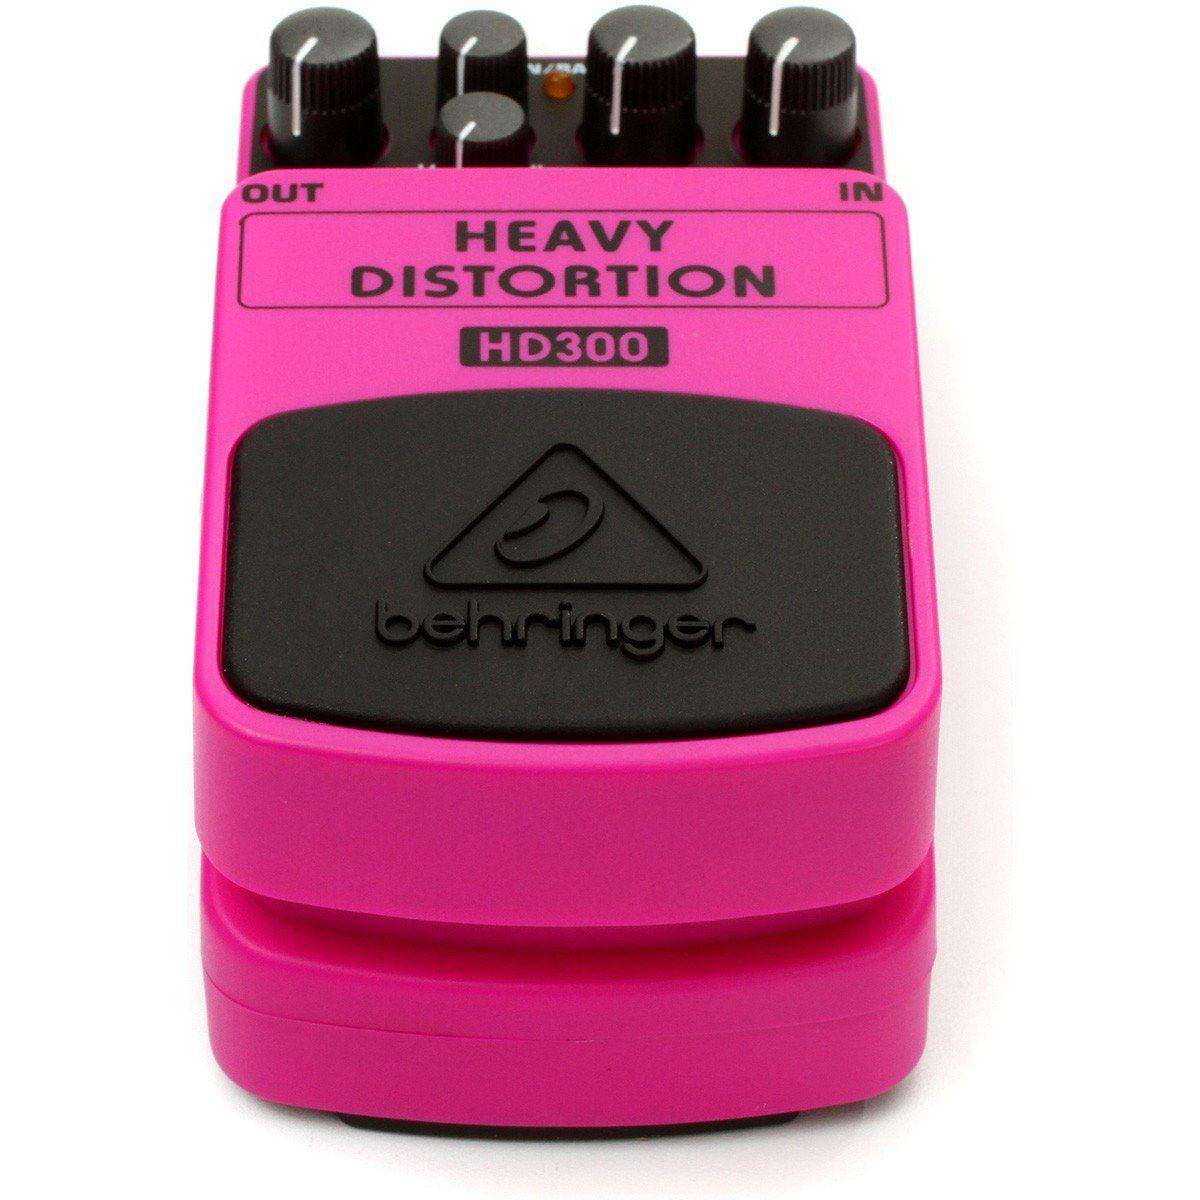 Behringer HD300 Heavy Distortion Pedal para Guitarra para Distorção Densa